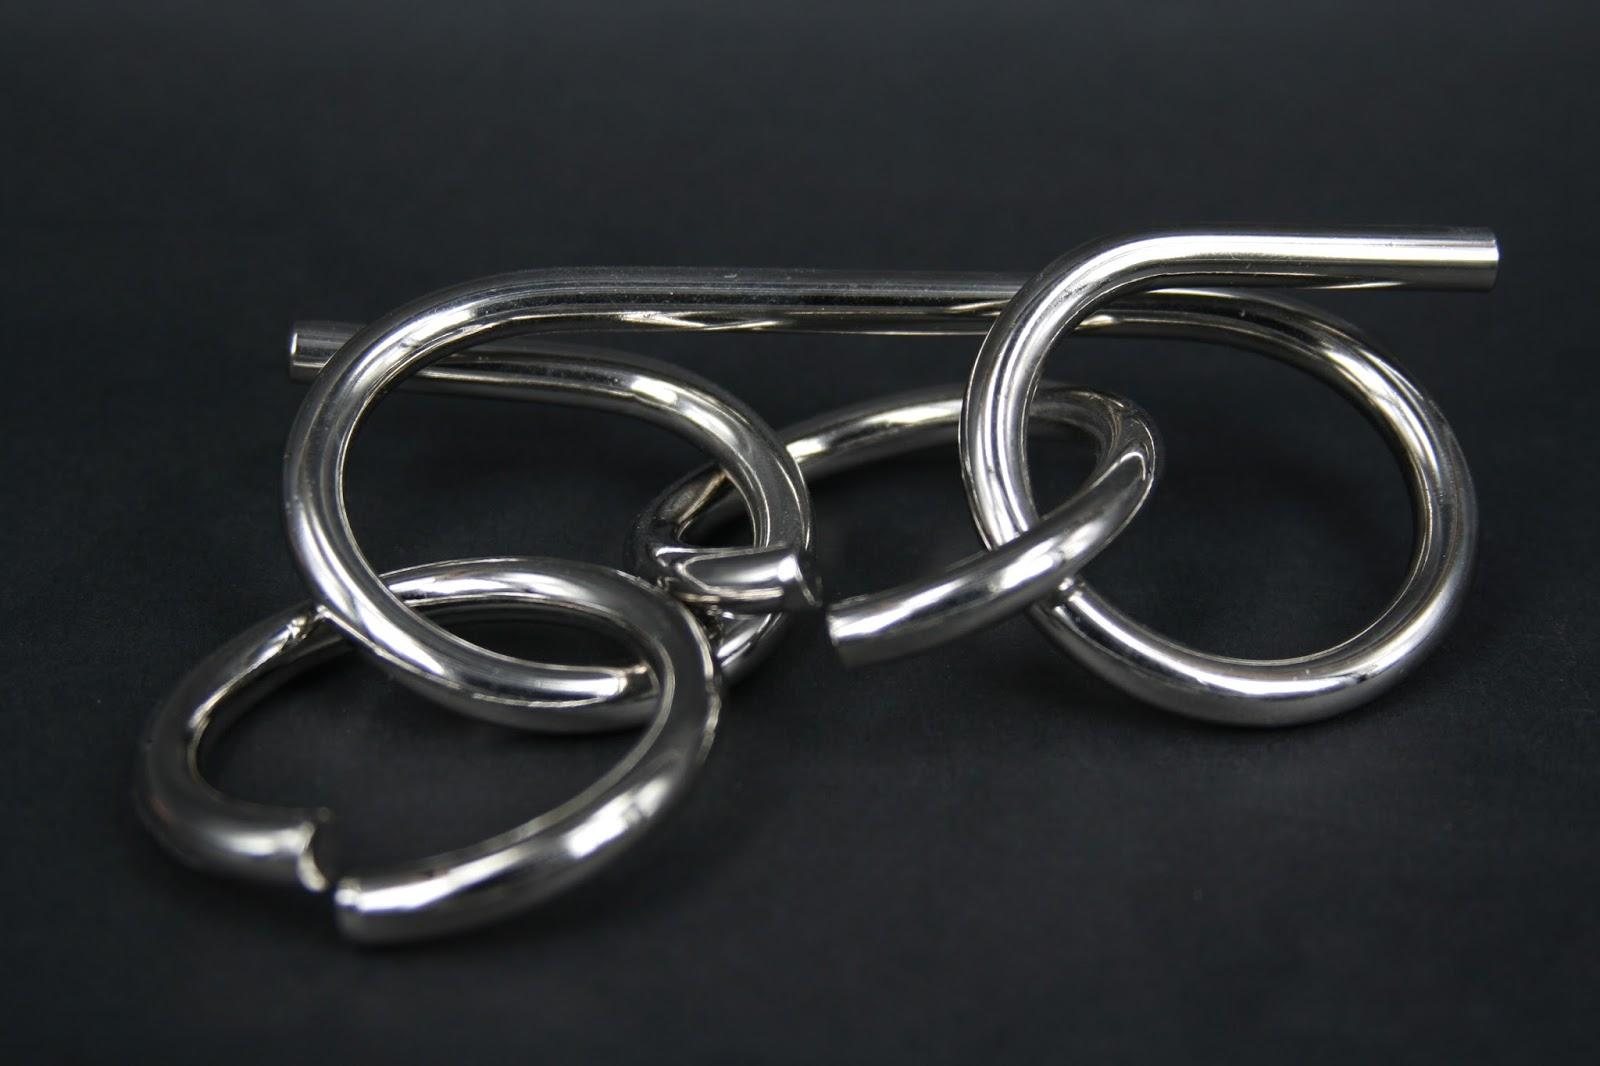 Rompiendo el anillo 01 kendry medina y samantha ramos - 1 8